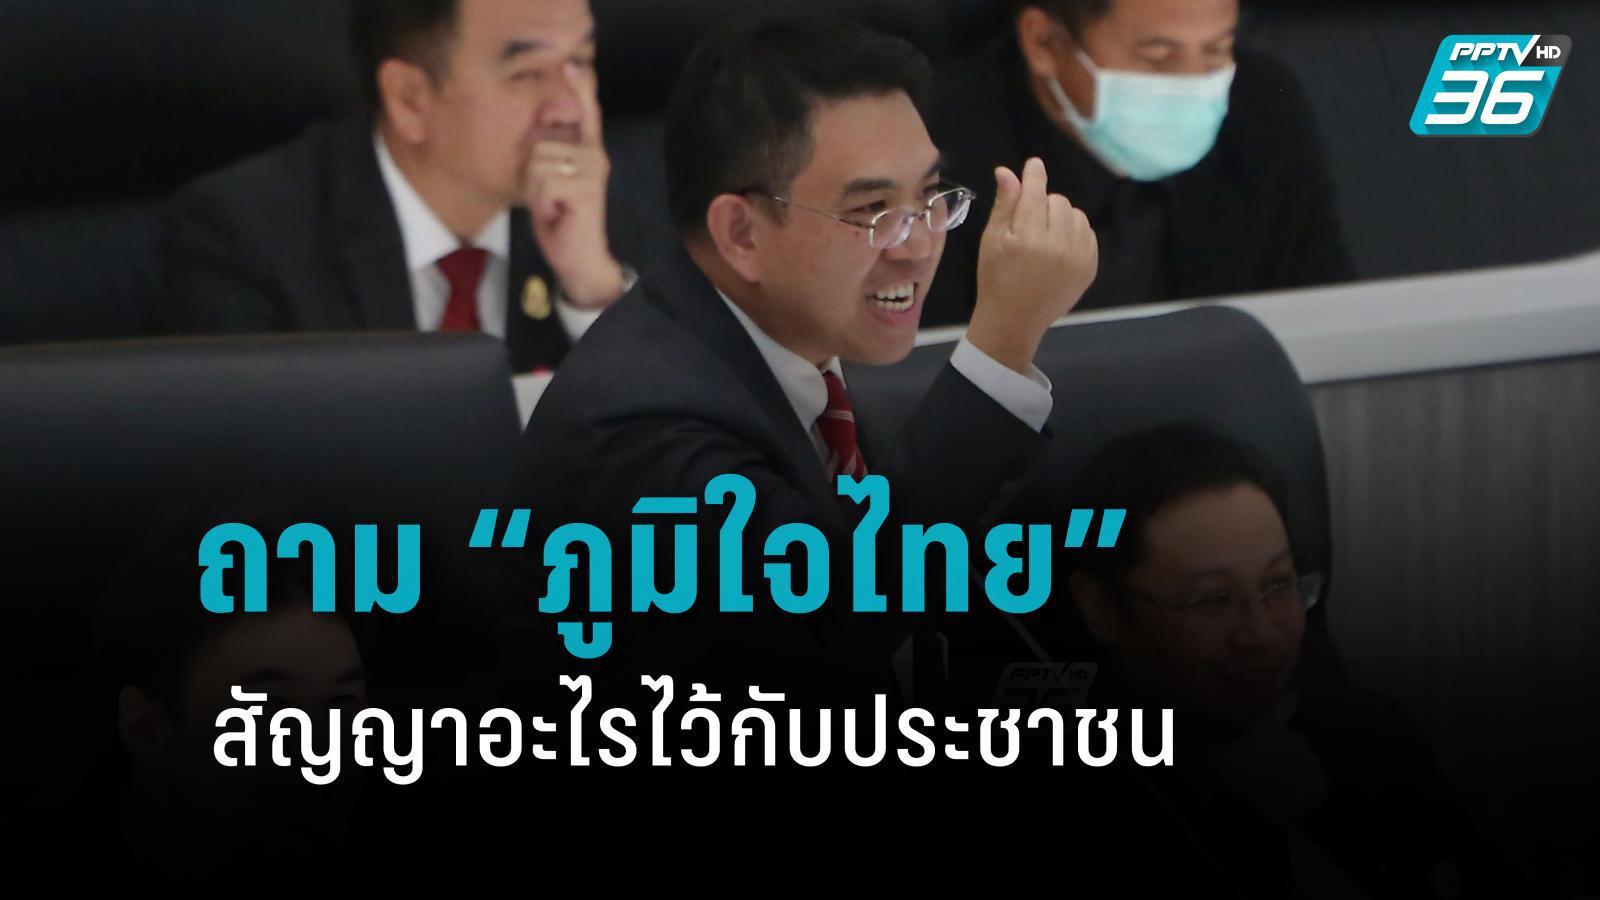 """""""ก้าวไกล"""" ถาม """"ภูมิใจไทย"""" สัญญาอะไรไว้กับประชาชน"""